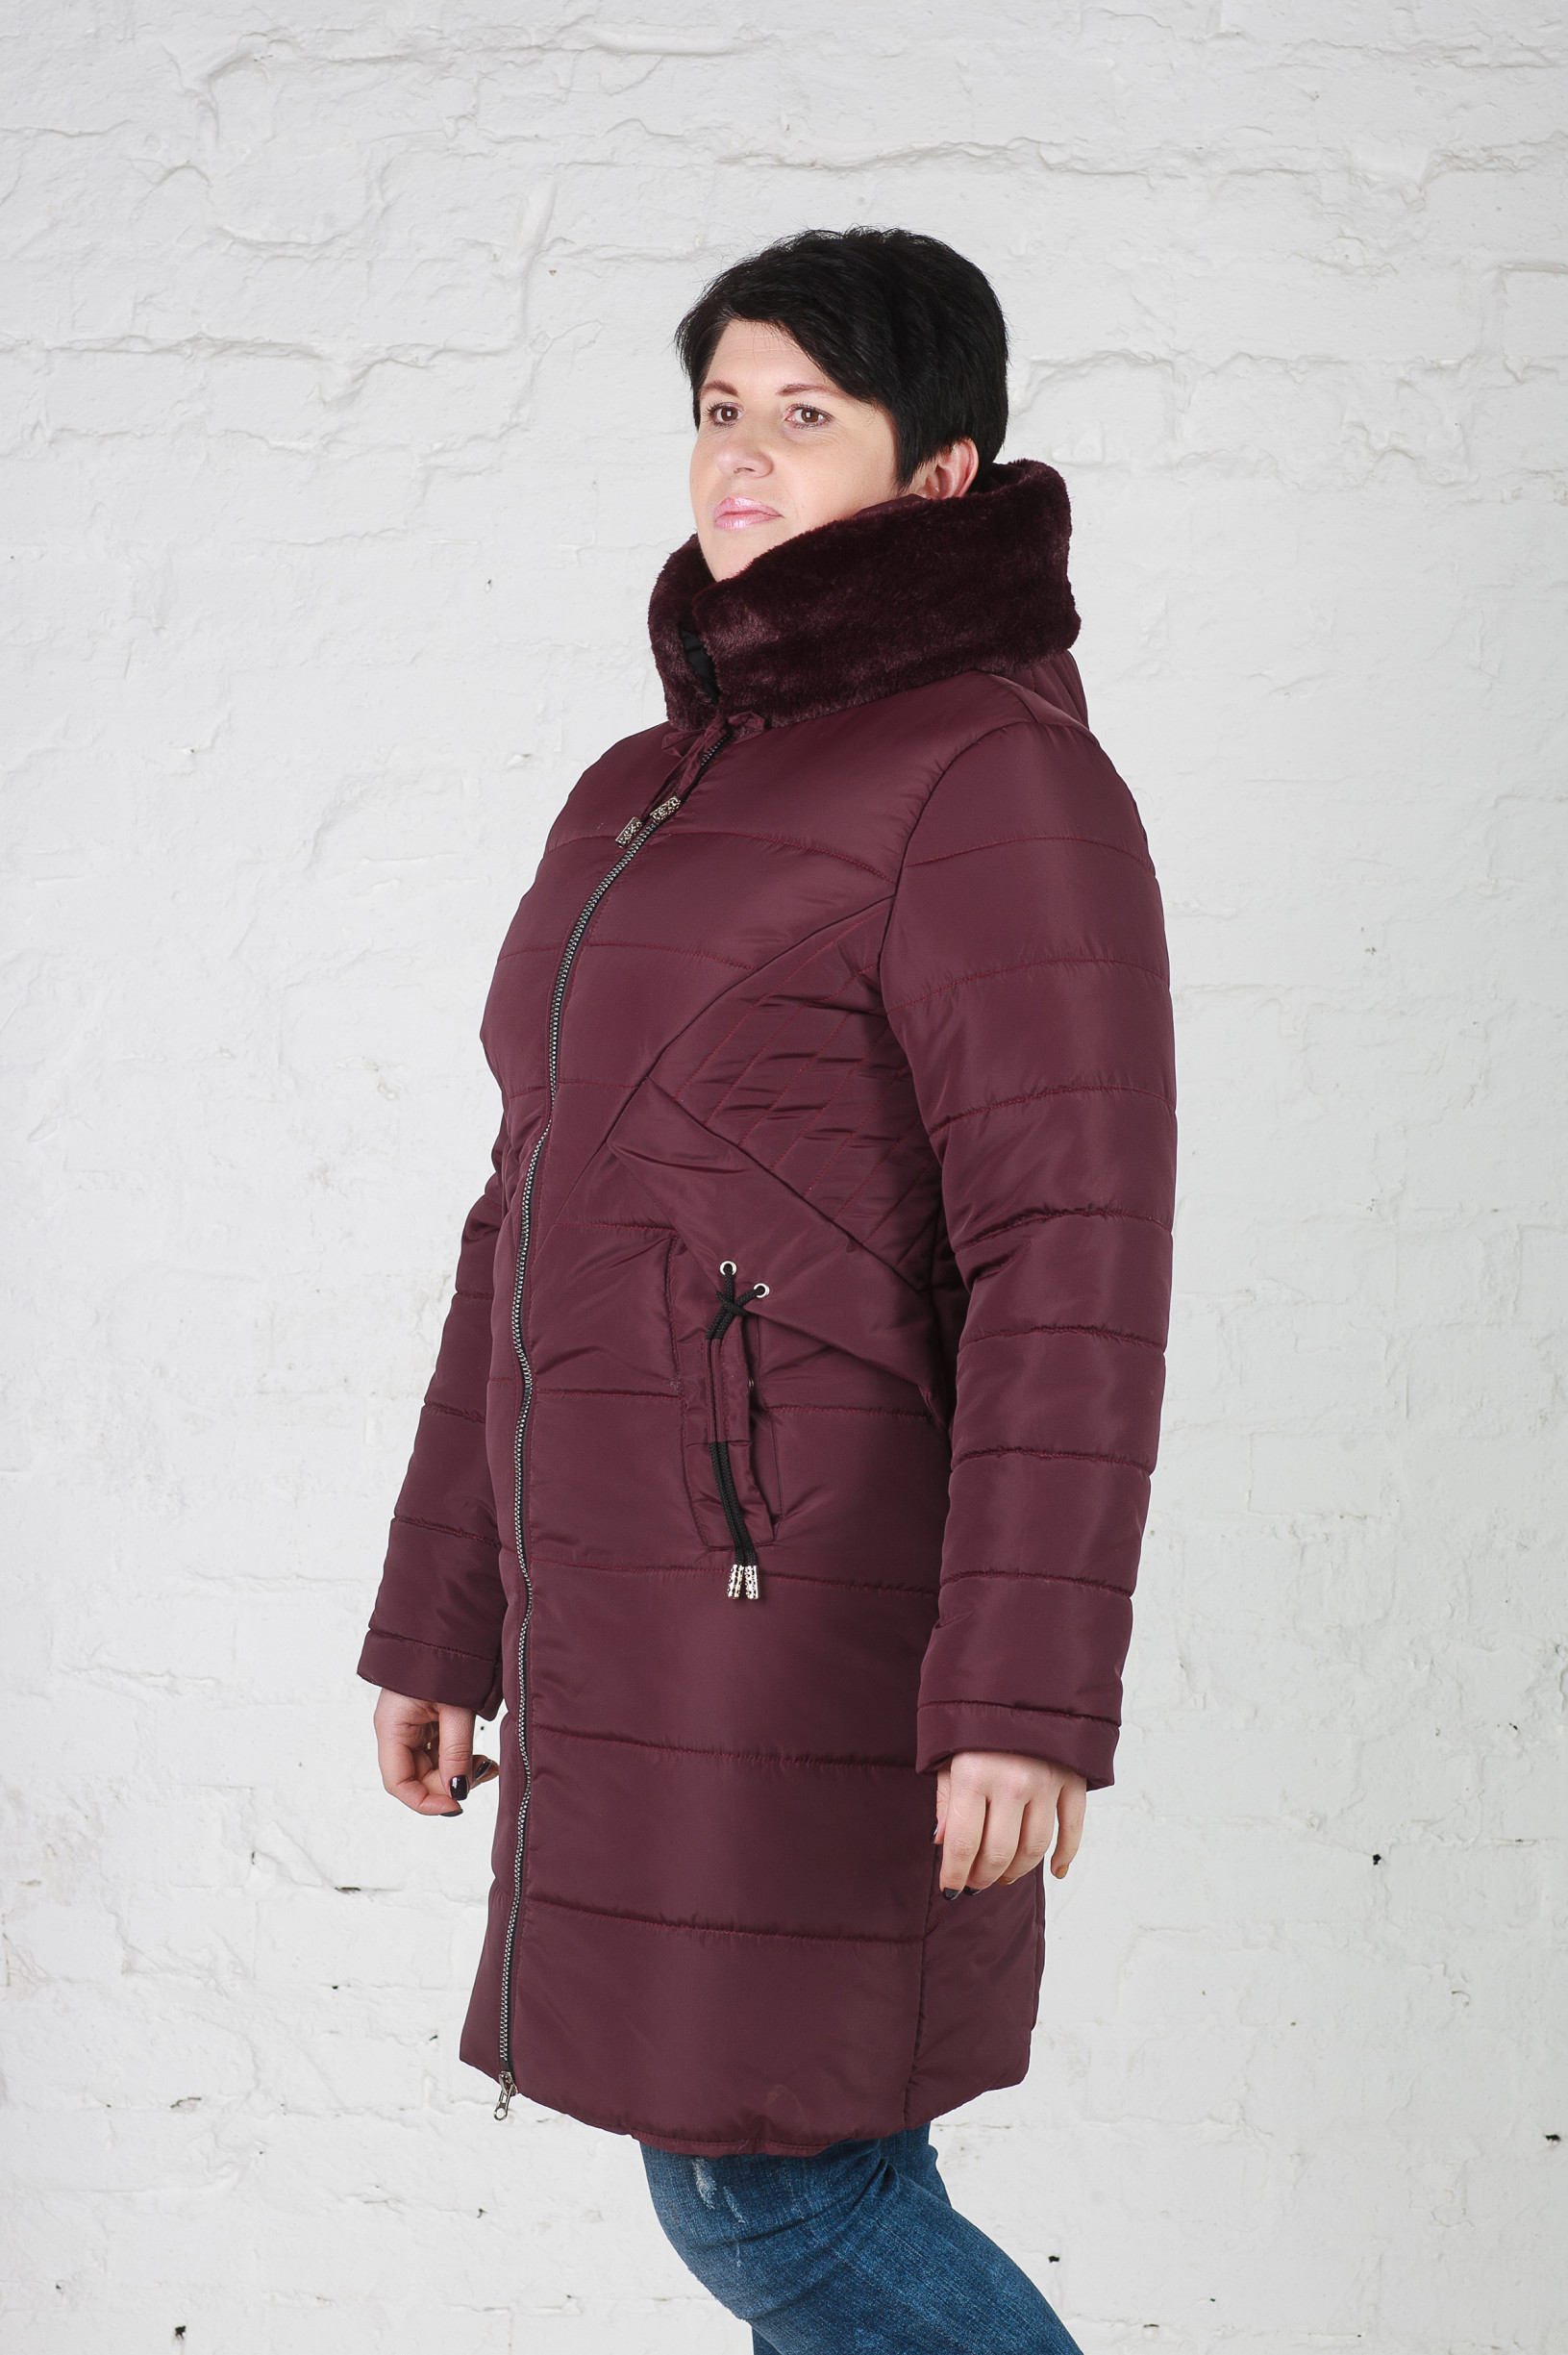 Элегантная женская зимняя куртка Мери бордо